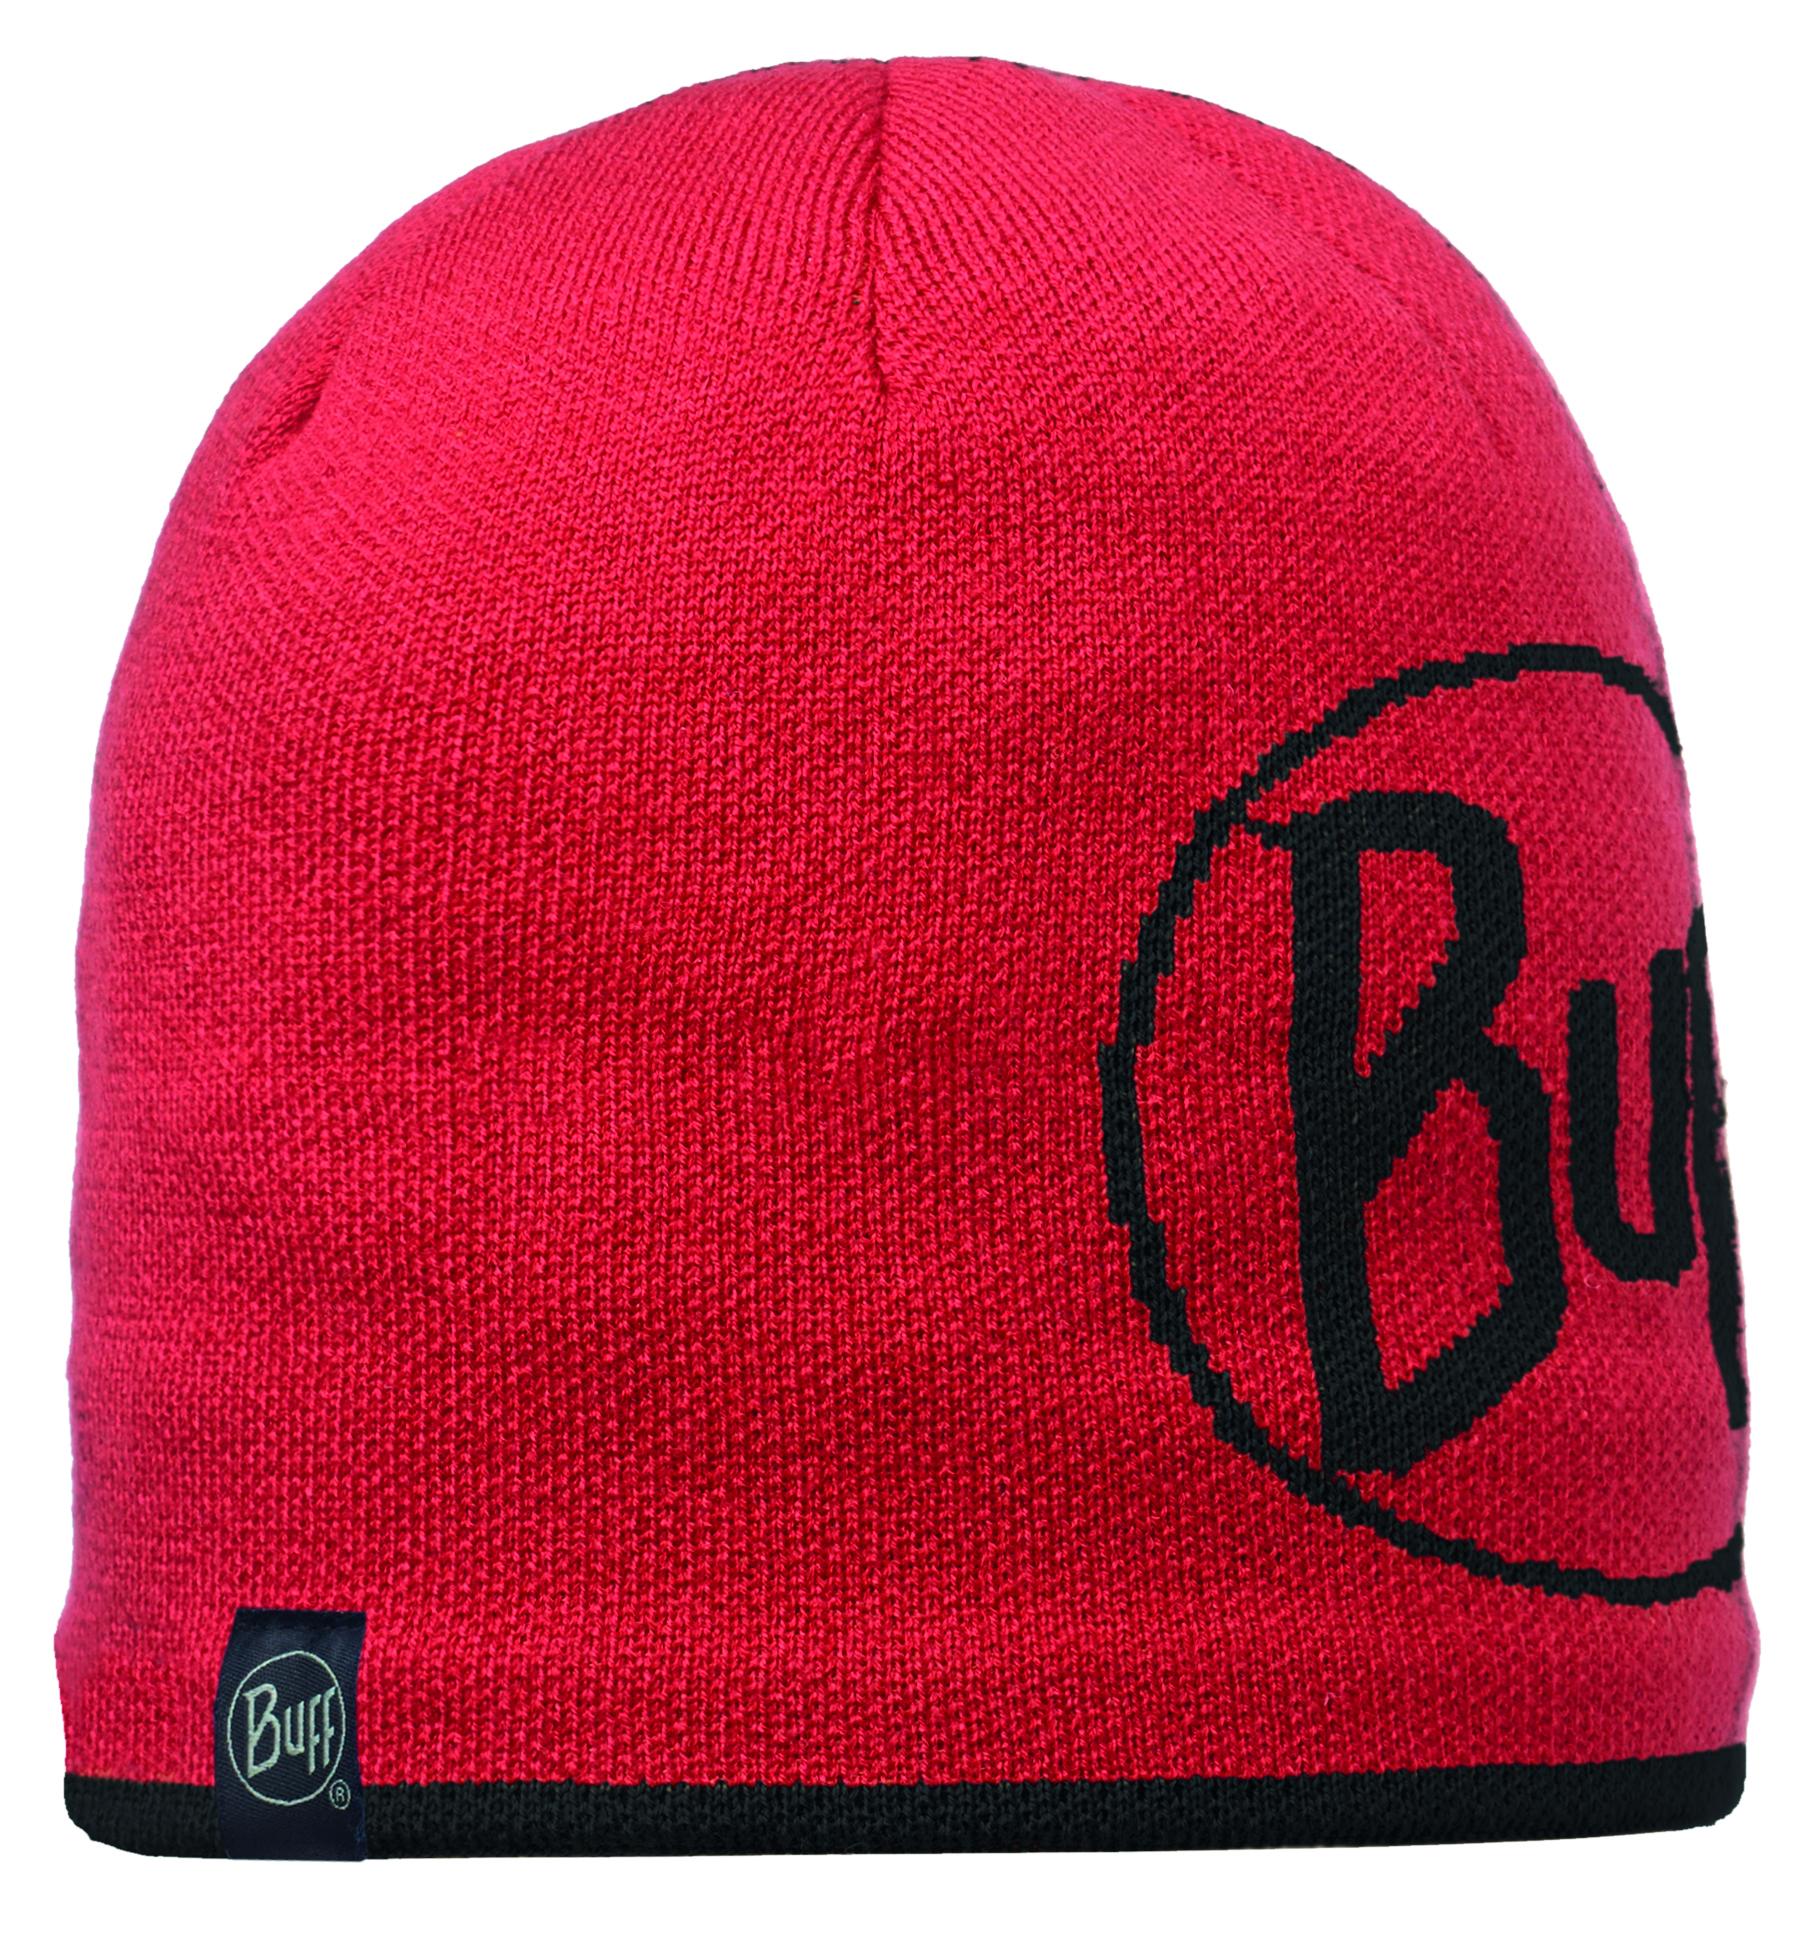 Купить Шапка BUFF KNITTED HATS LOGO RED Банданы и шарфы Buff ® 1169413